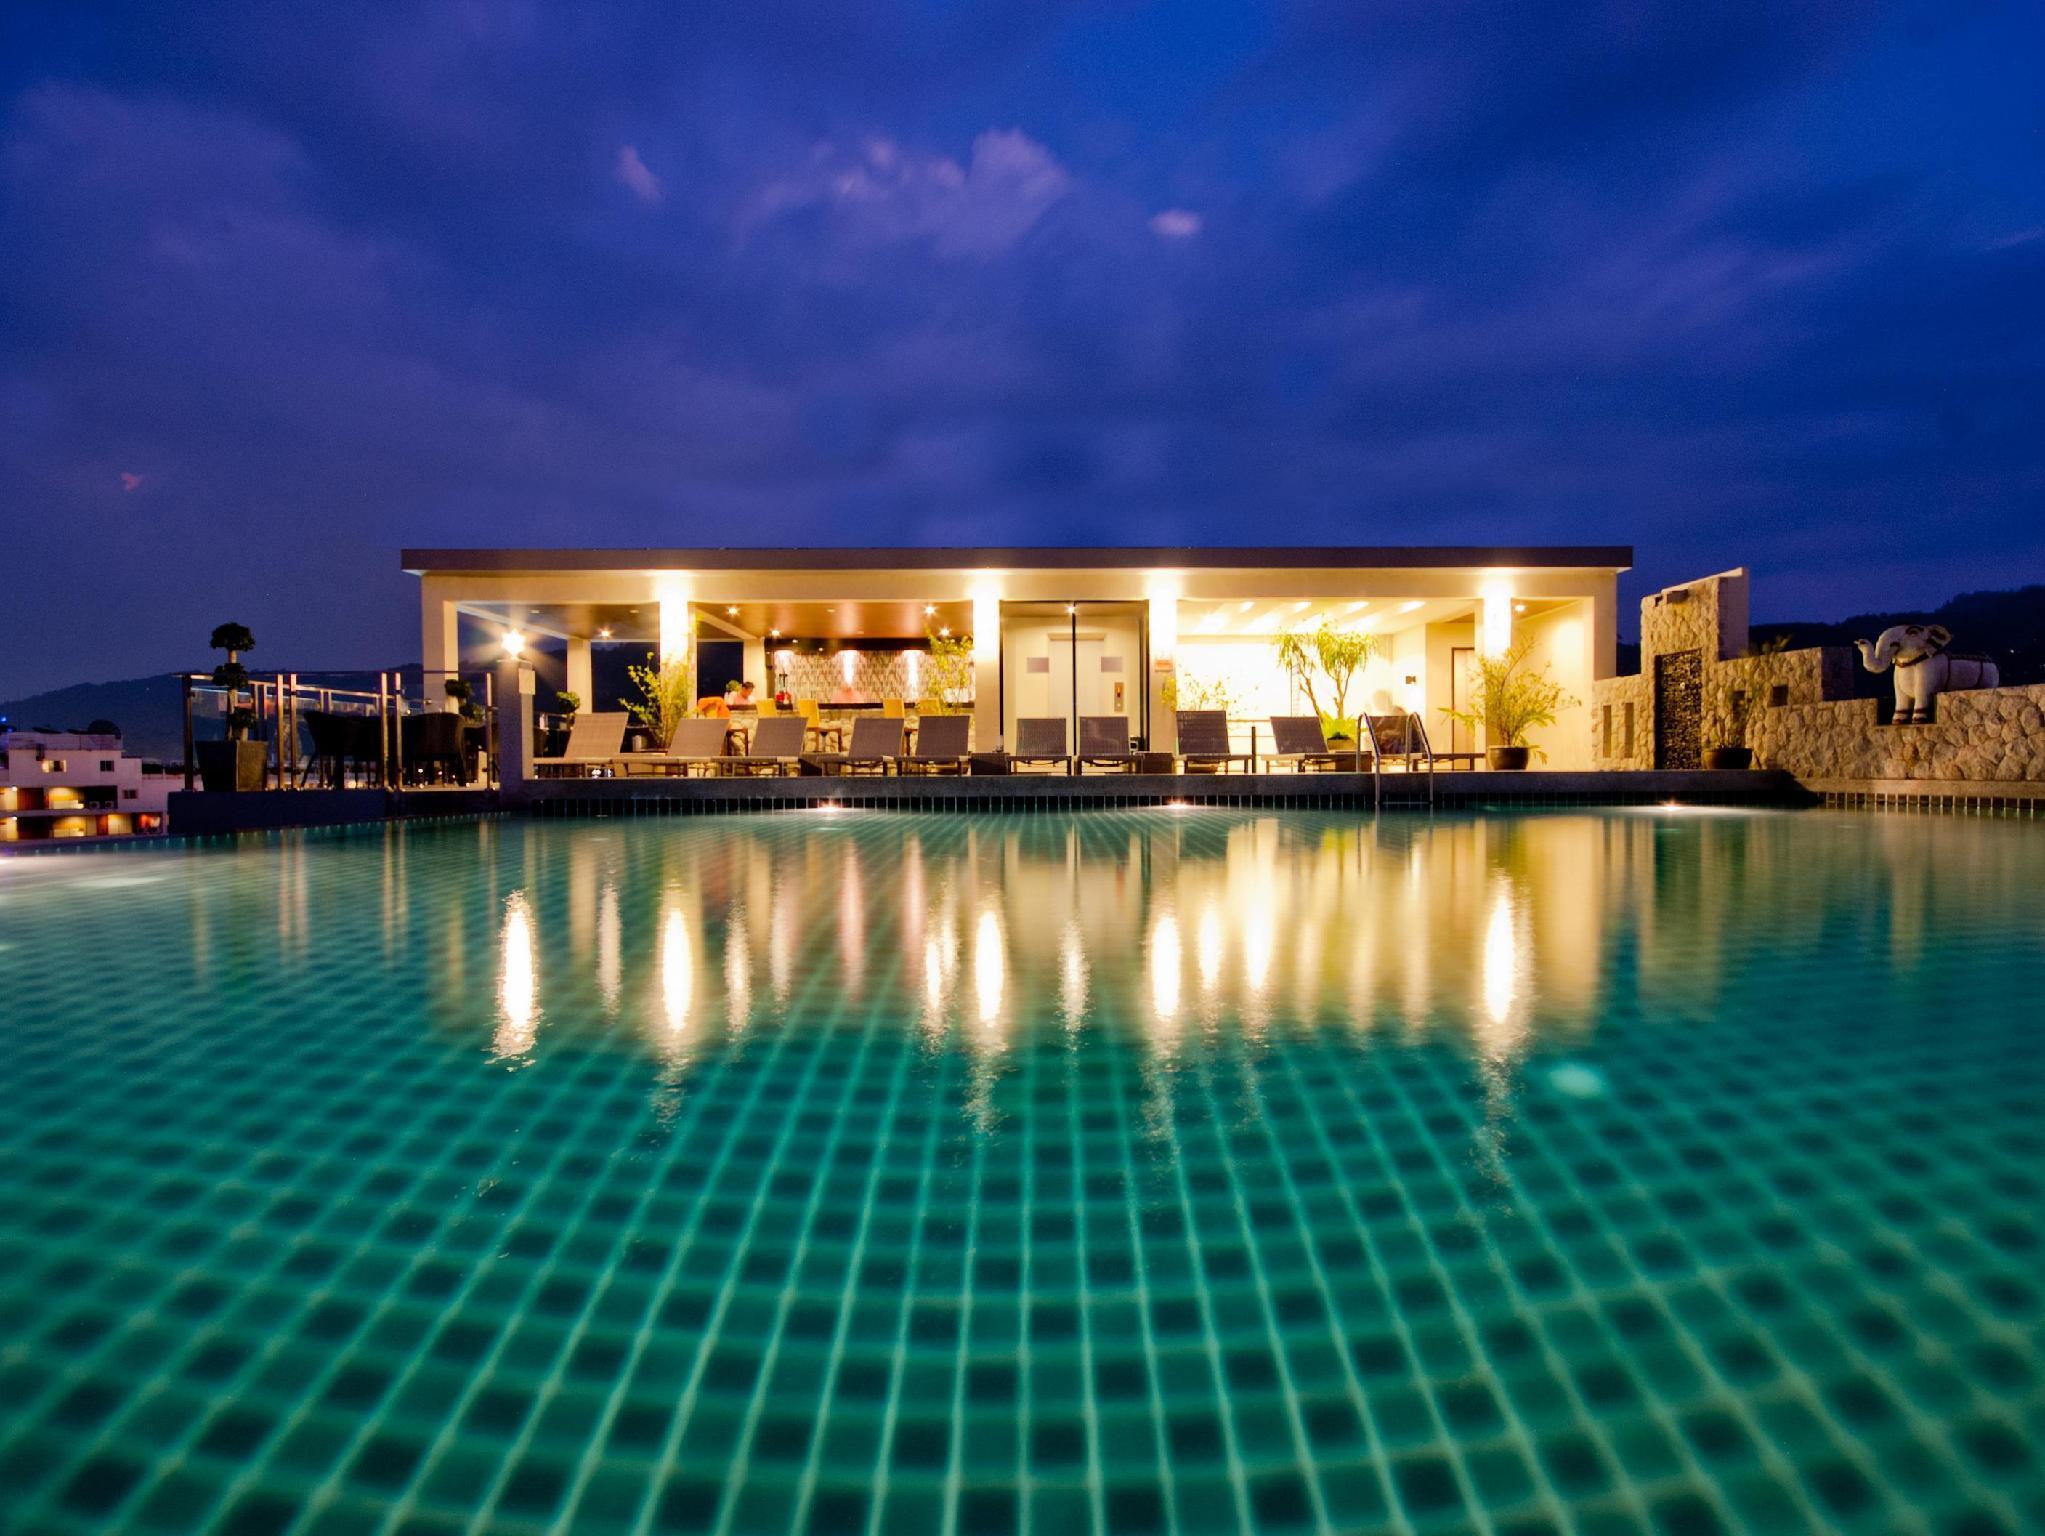 Hotell Meir Jarr Hotel i Patong, Phuket. Klicka för att läsa mer och skicka bokningsförfrågan